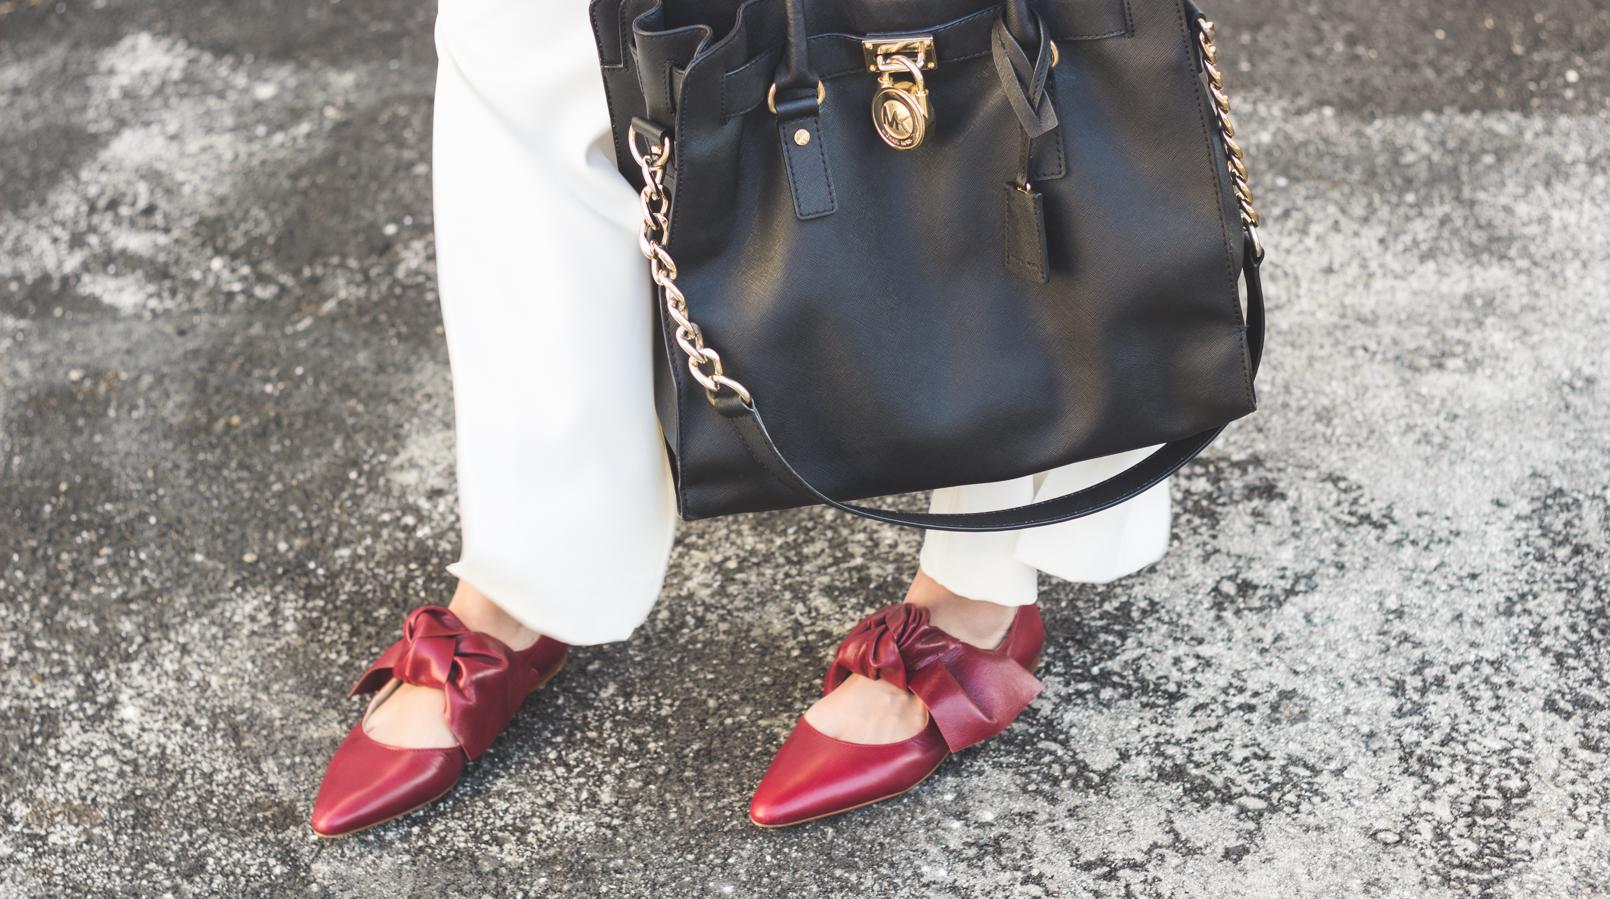 Le Fashionaire 5 regras de ouro para fazer boas compras nos saldos calcas brancas largas botoes dourados abertura lateral zara sapatos bicudos laco vermelho pele mala hamilton michael kors preto dourado batom vermelho 9130F PT